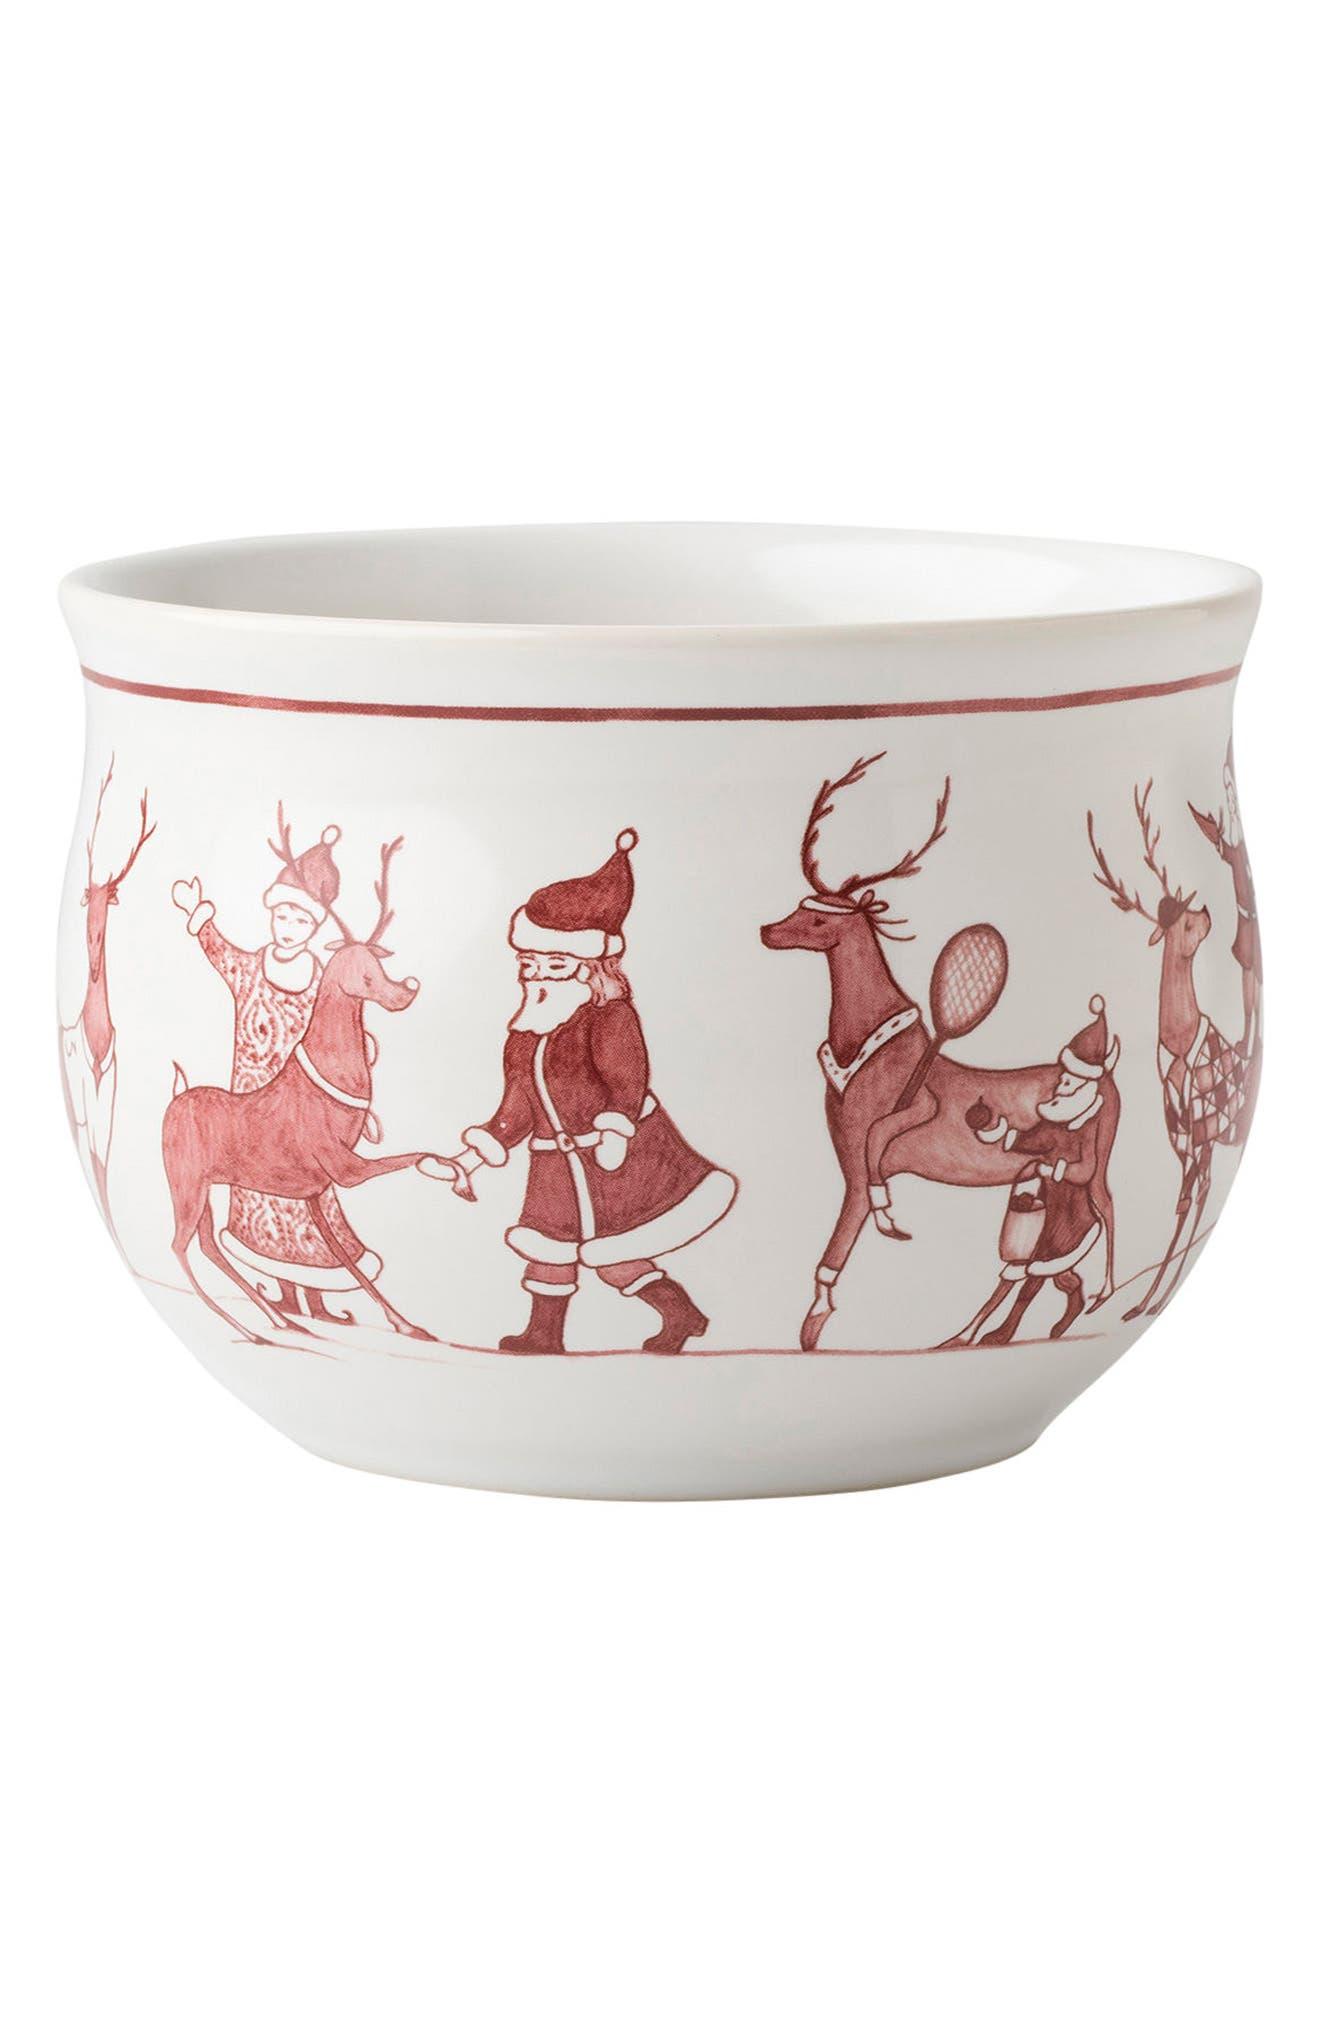 Reindeer Games Ceramic Comfort Bowl,                             Main thumbnail 1, color,                             100